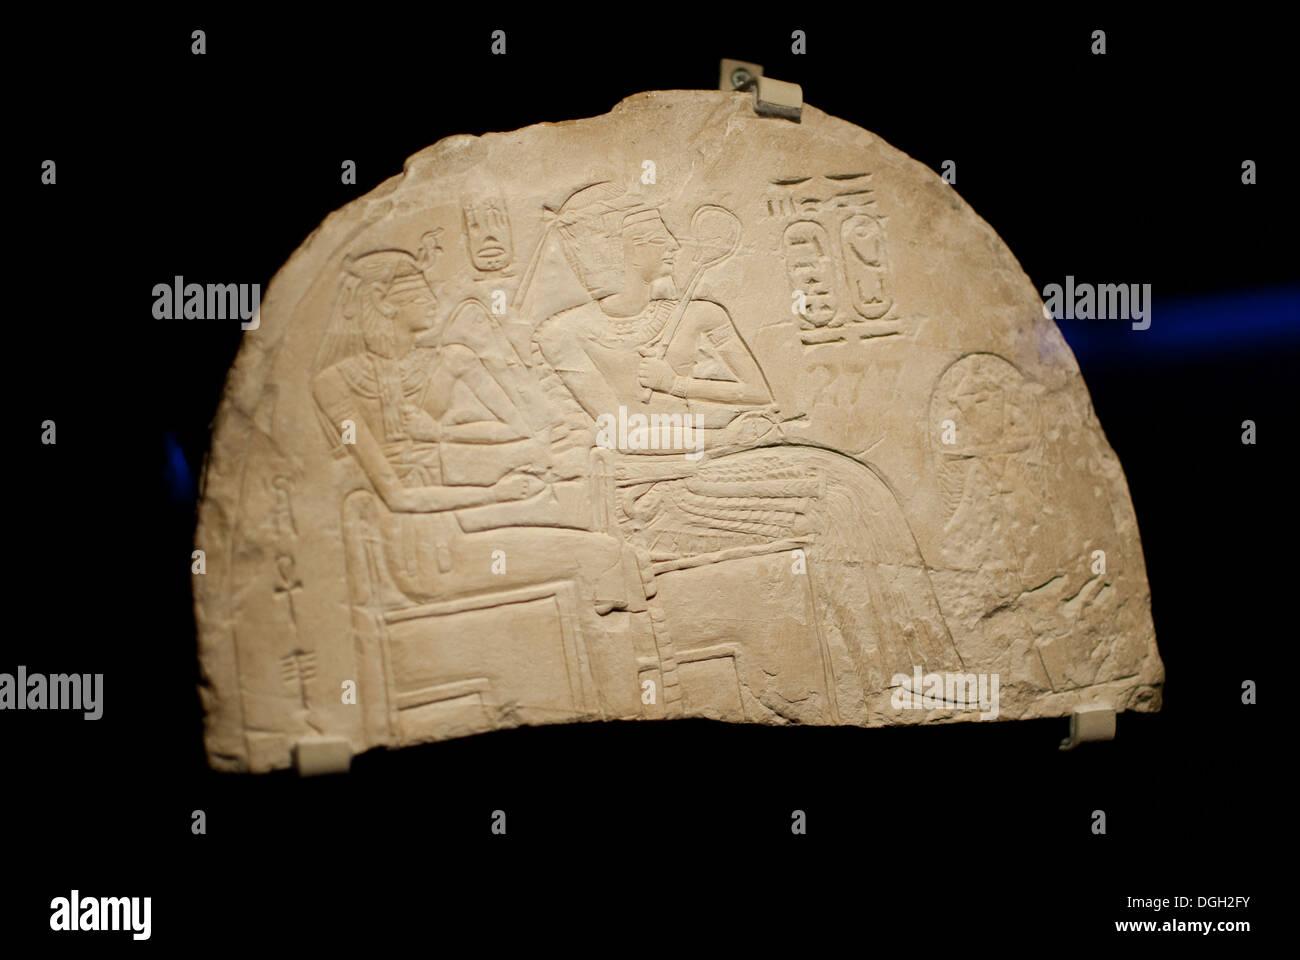 """Stele di pietra calcarea con re Amenofis I. Teba, Egitto, XIX dinastia, circa. 1200 BC. Tesori di culture di tutto il mondo"""" Immagini Stock"""